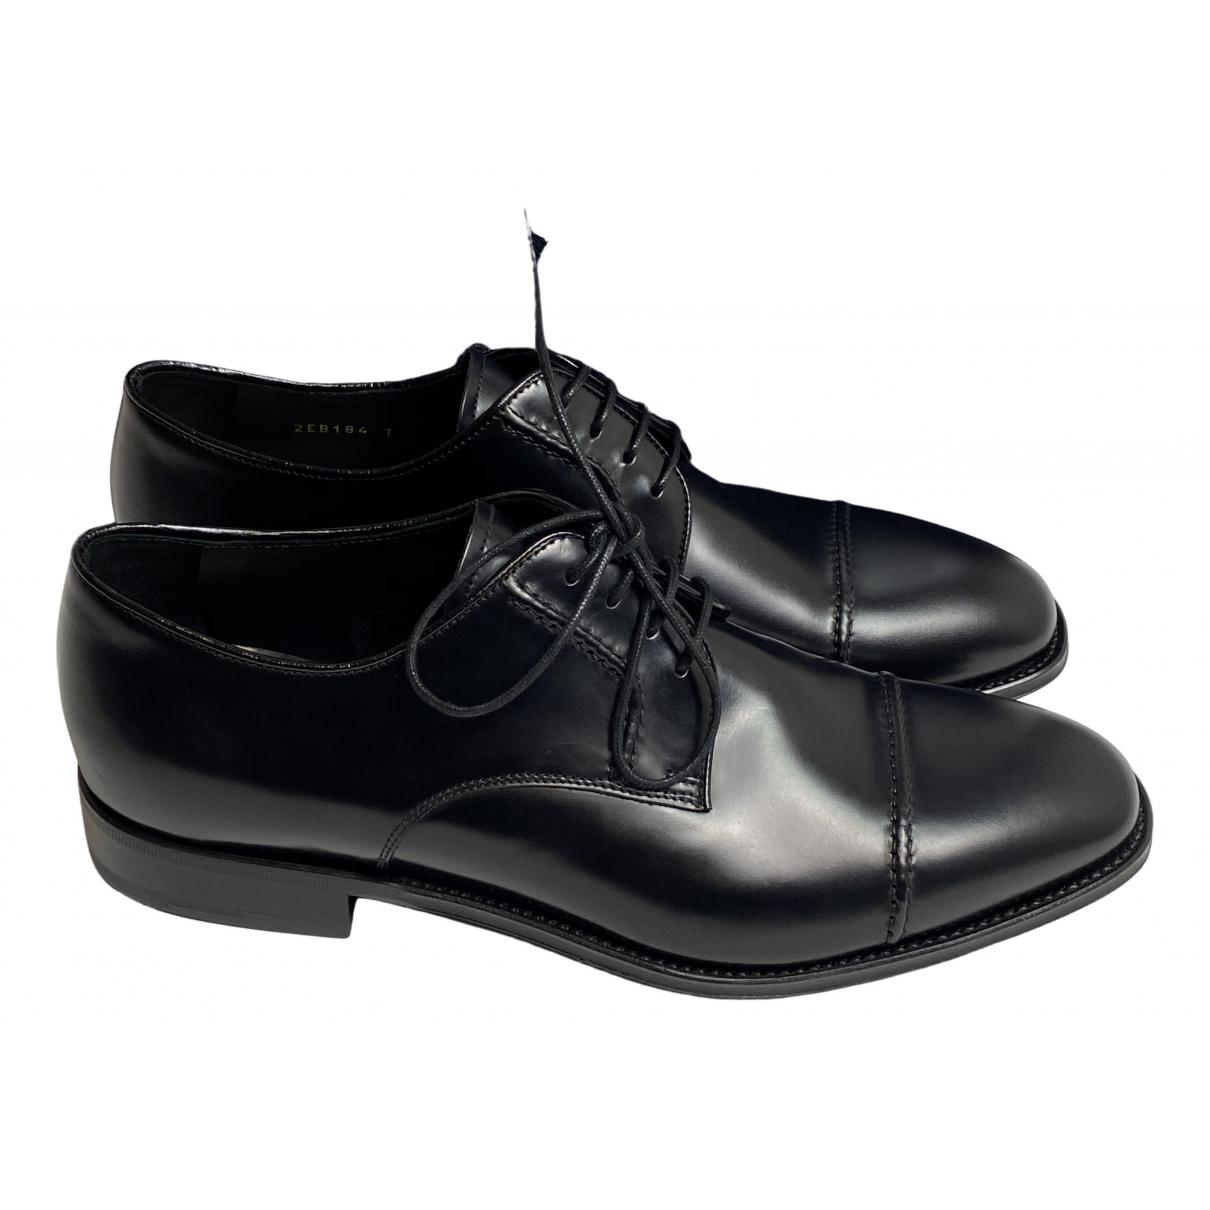 Prada \N Schnuerschuhe in  Schwarz Leder